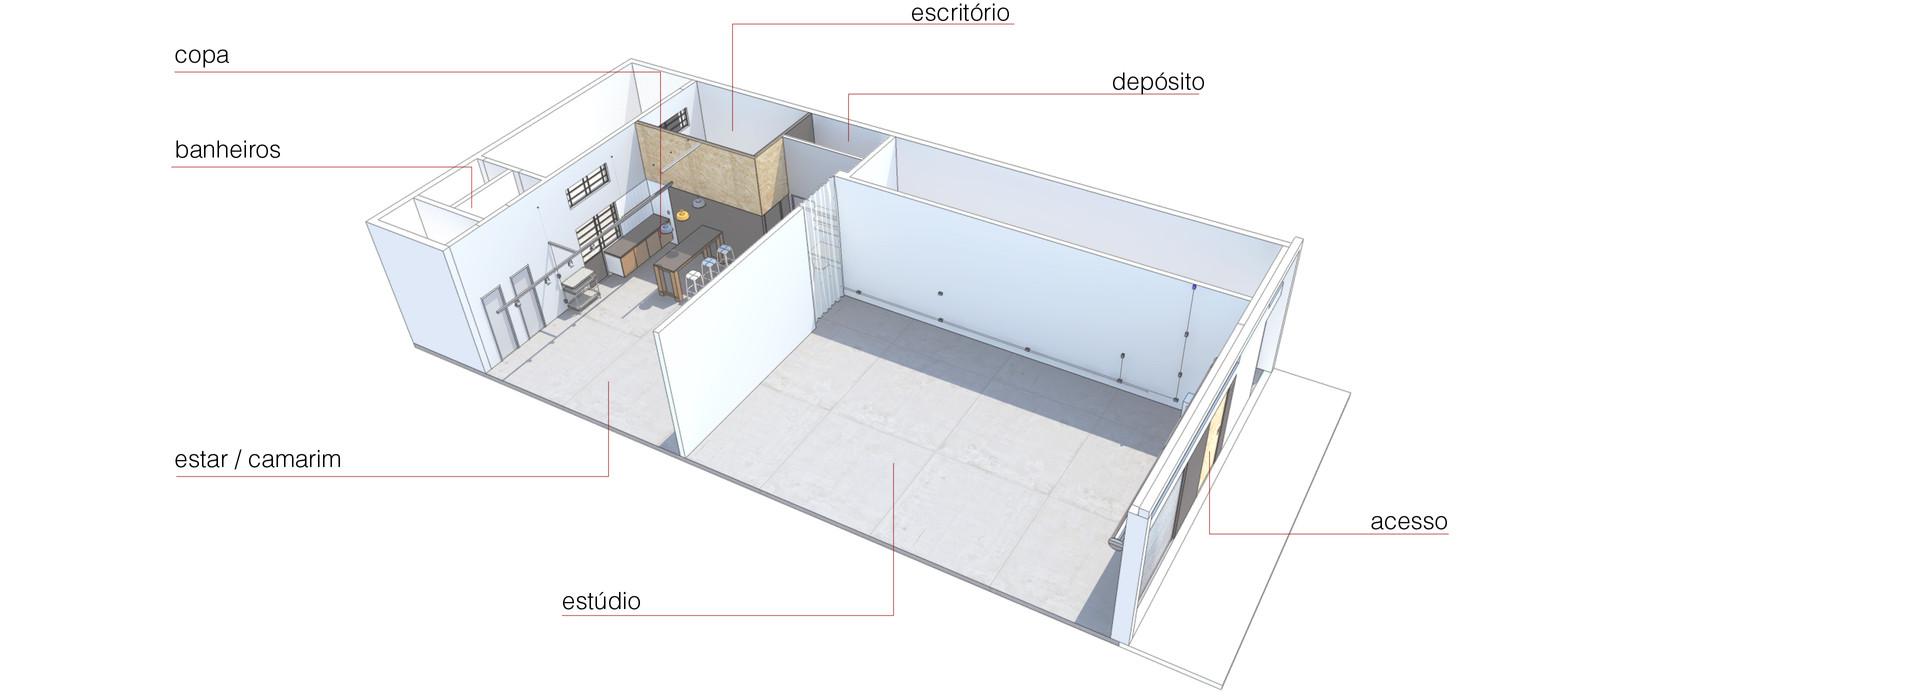 Projeto - esquema 3D